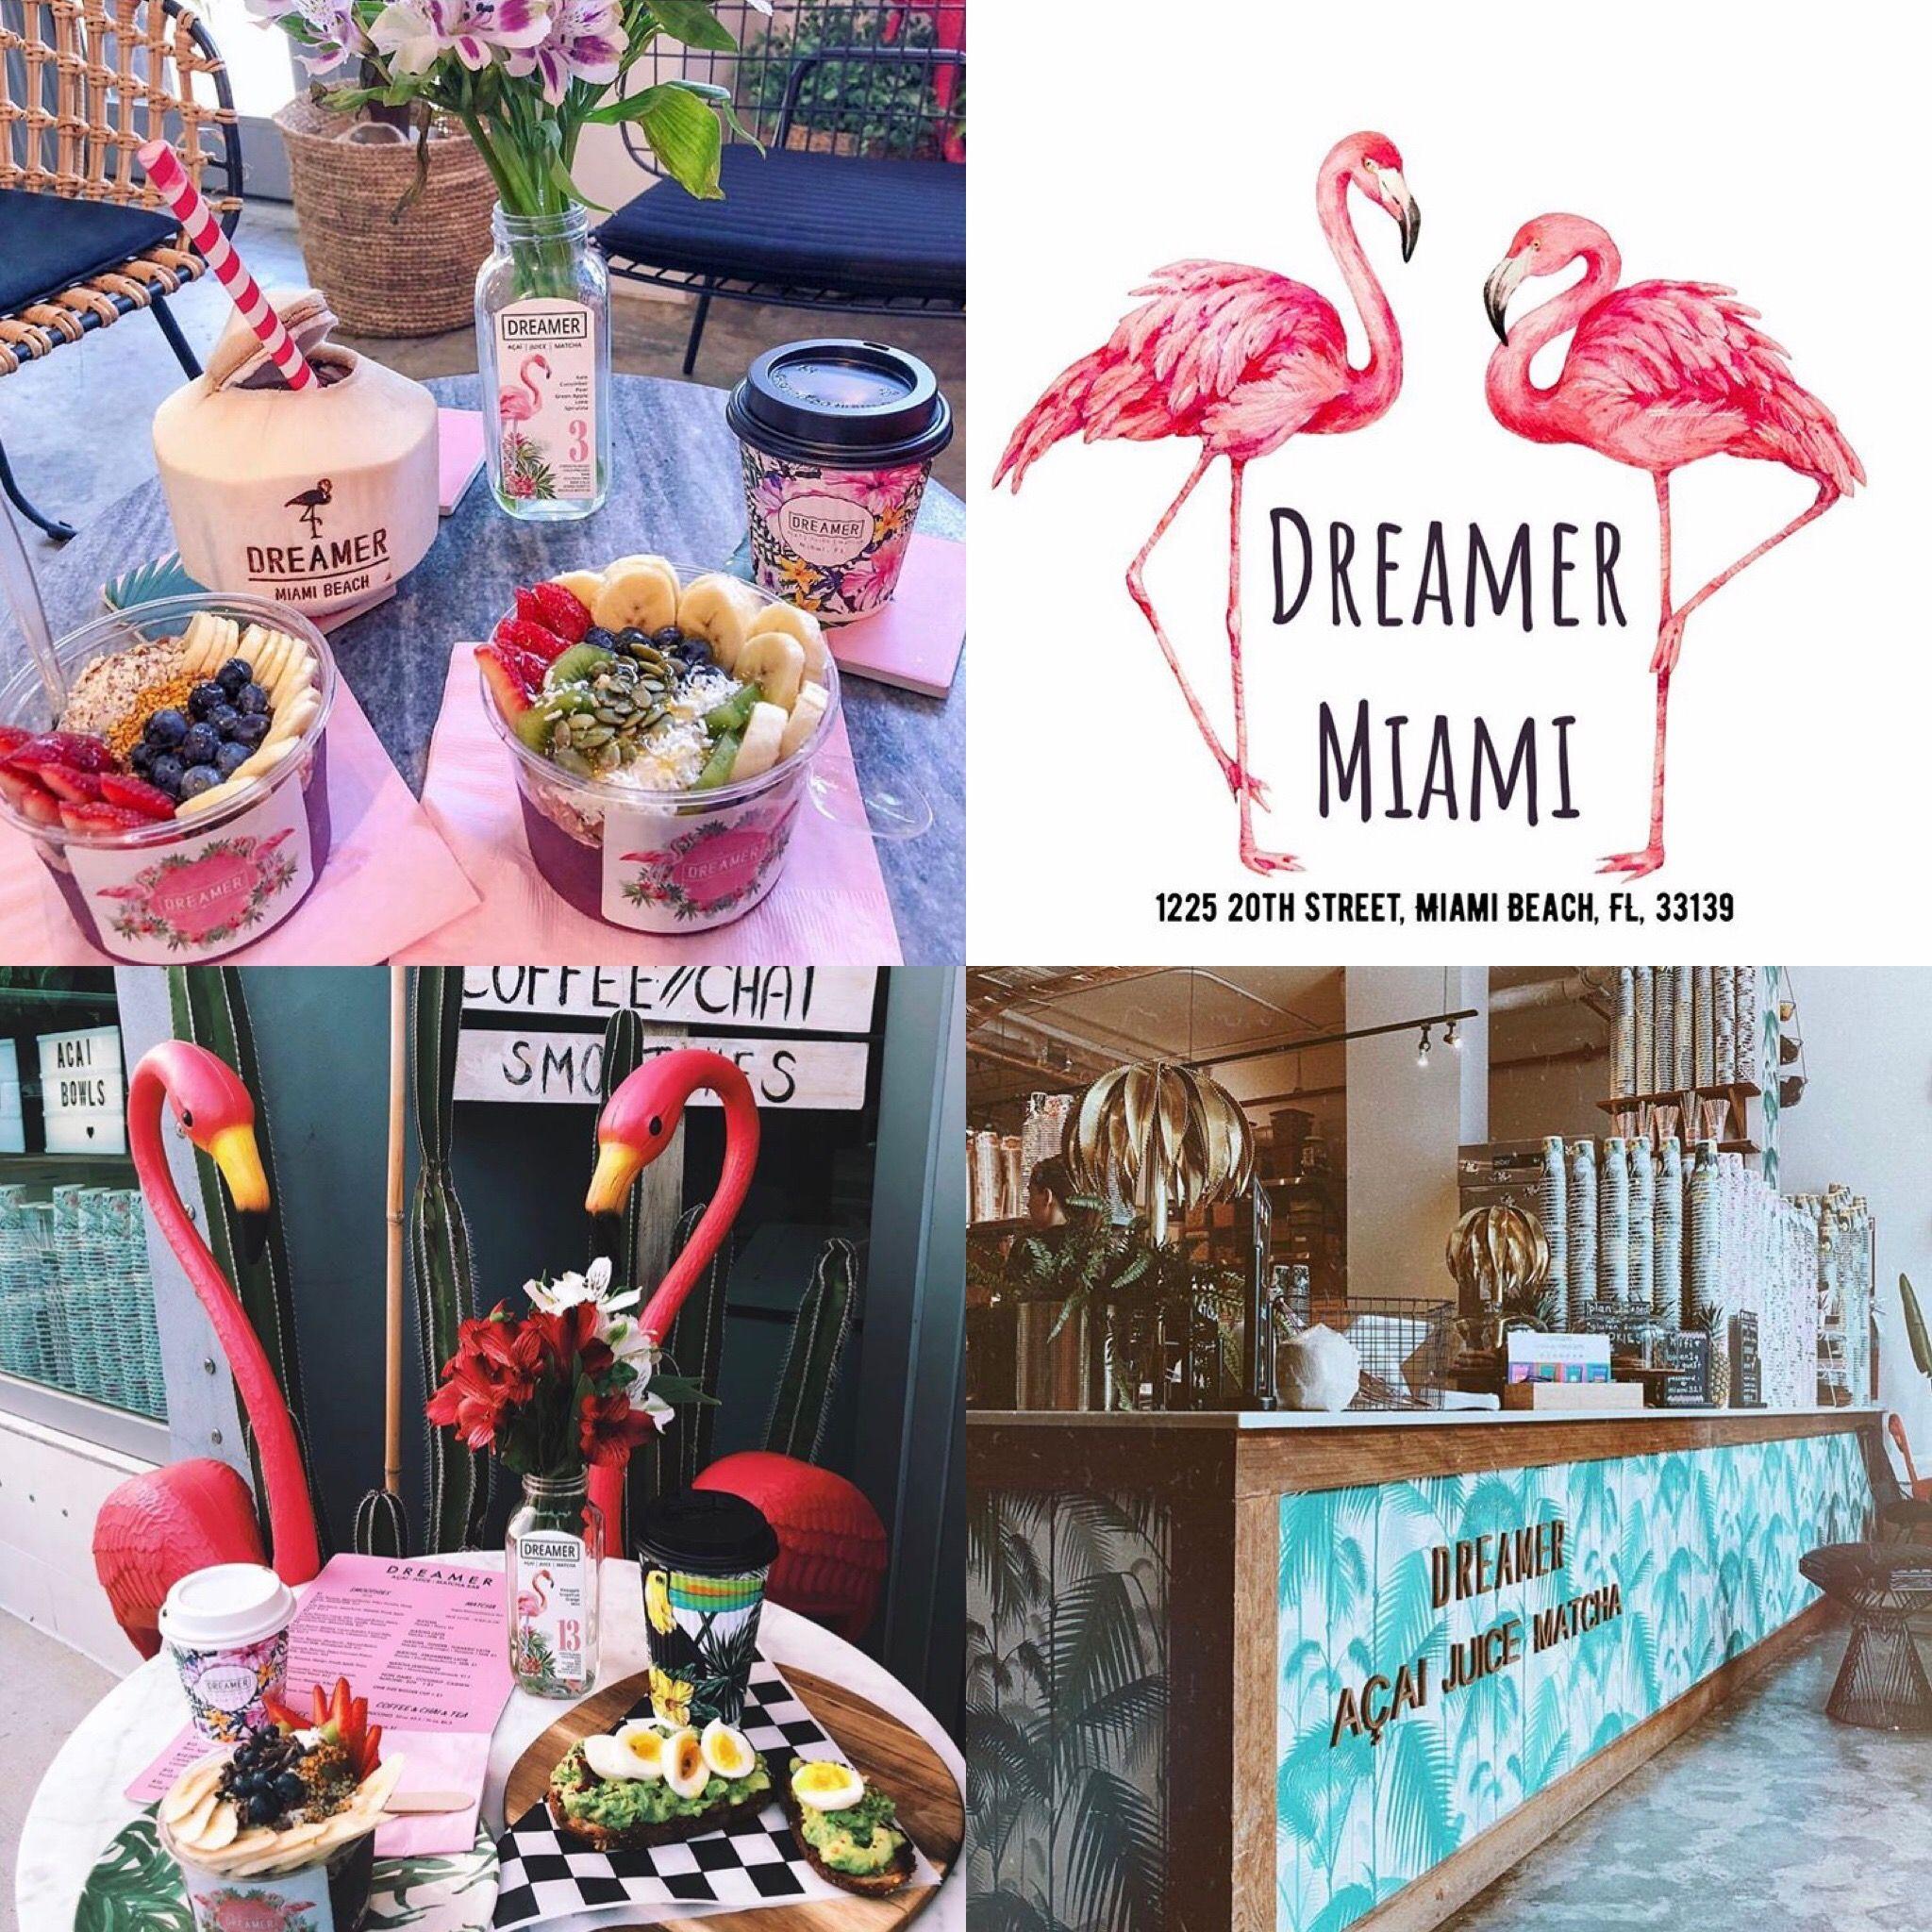 Miami Dreamer Acai Matcha Cafe Beach Cafe Matcha Cafe Miami Travel